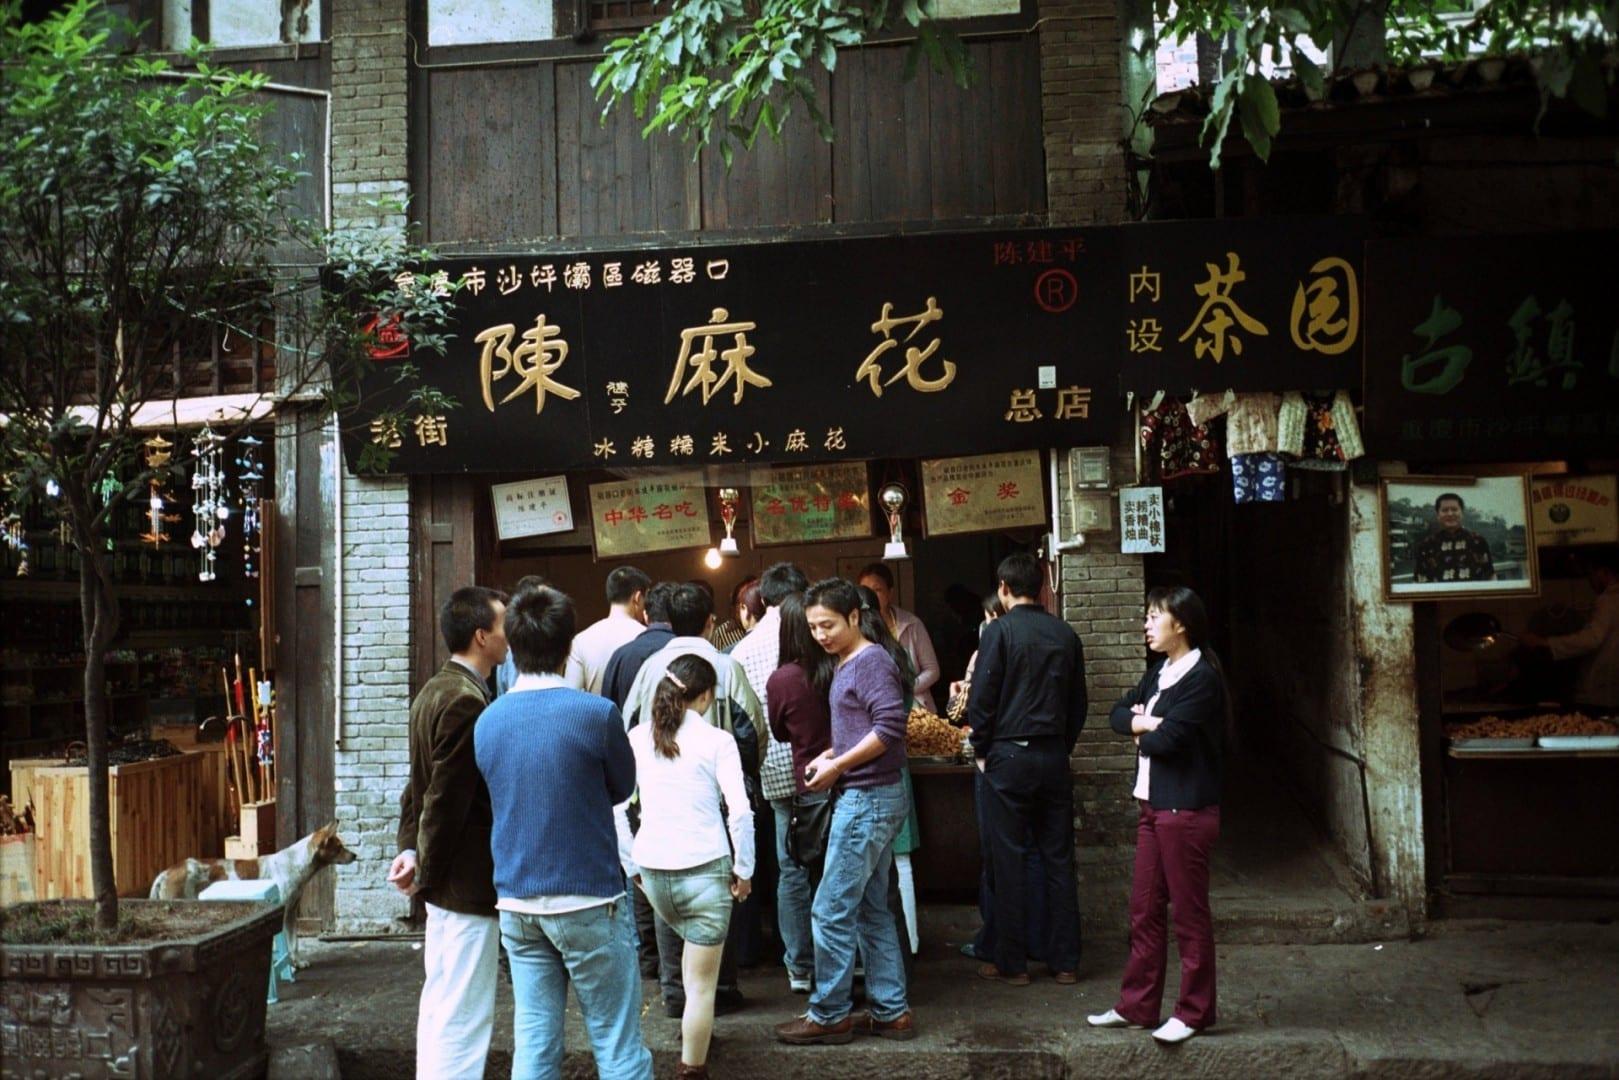 Clientes haciendo cola en una tienda de bocadillos en Chongqing. Chongqing China